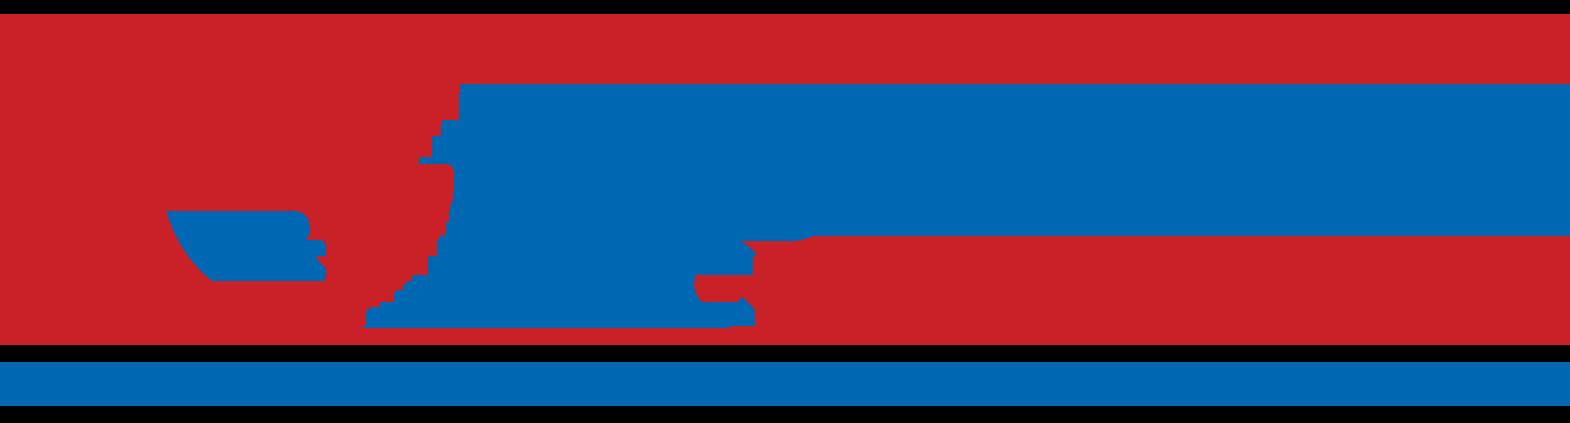 Neighborhood LTC Pharmacy